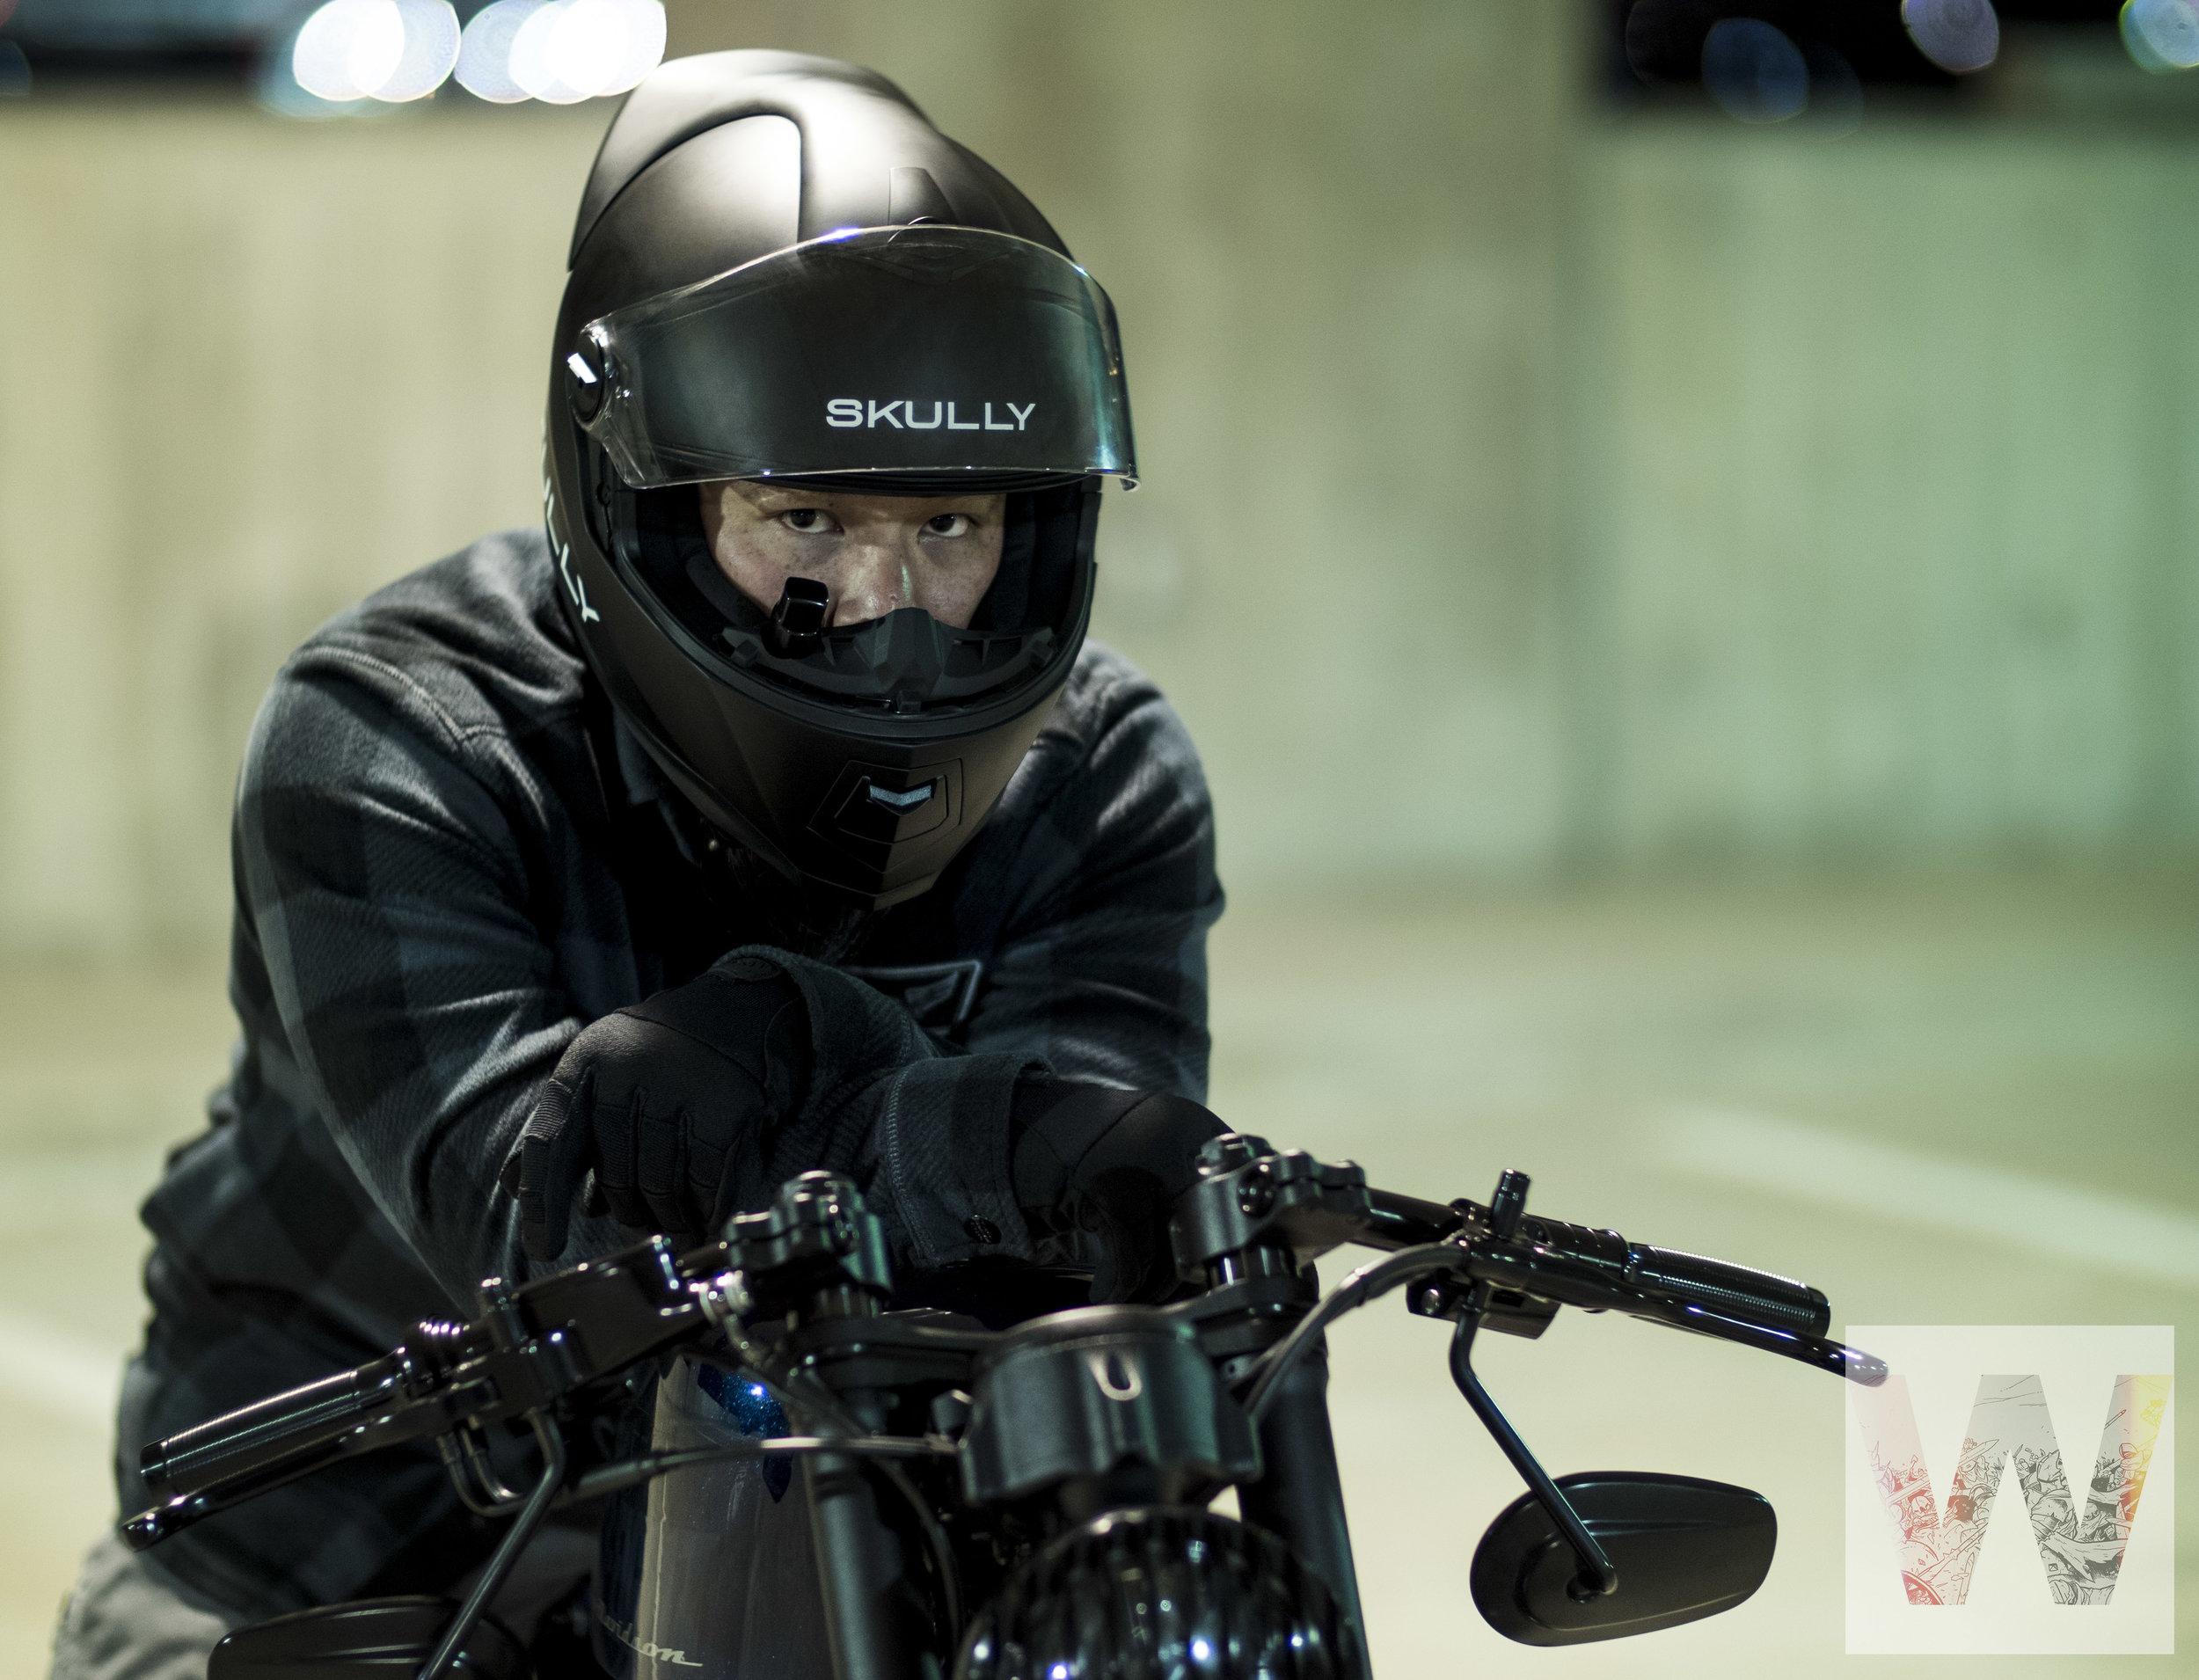 biker 6.jpg